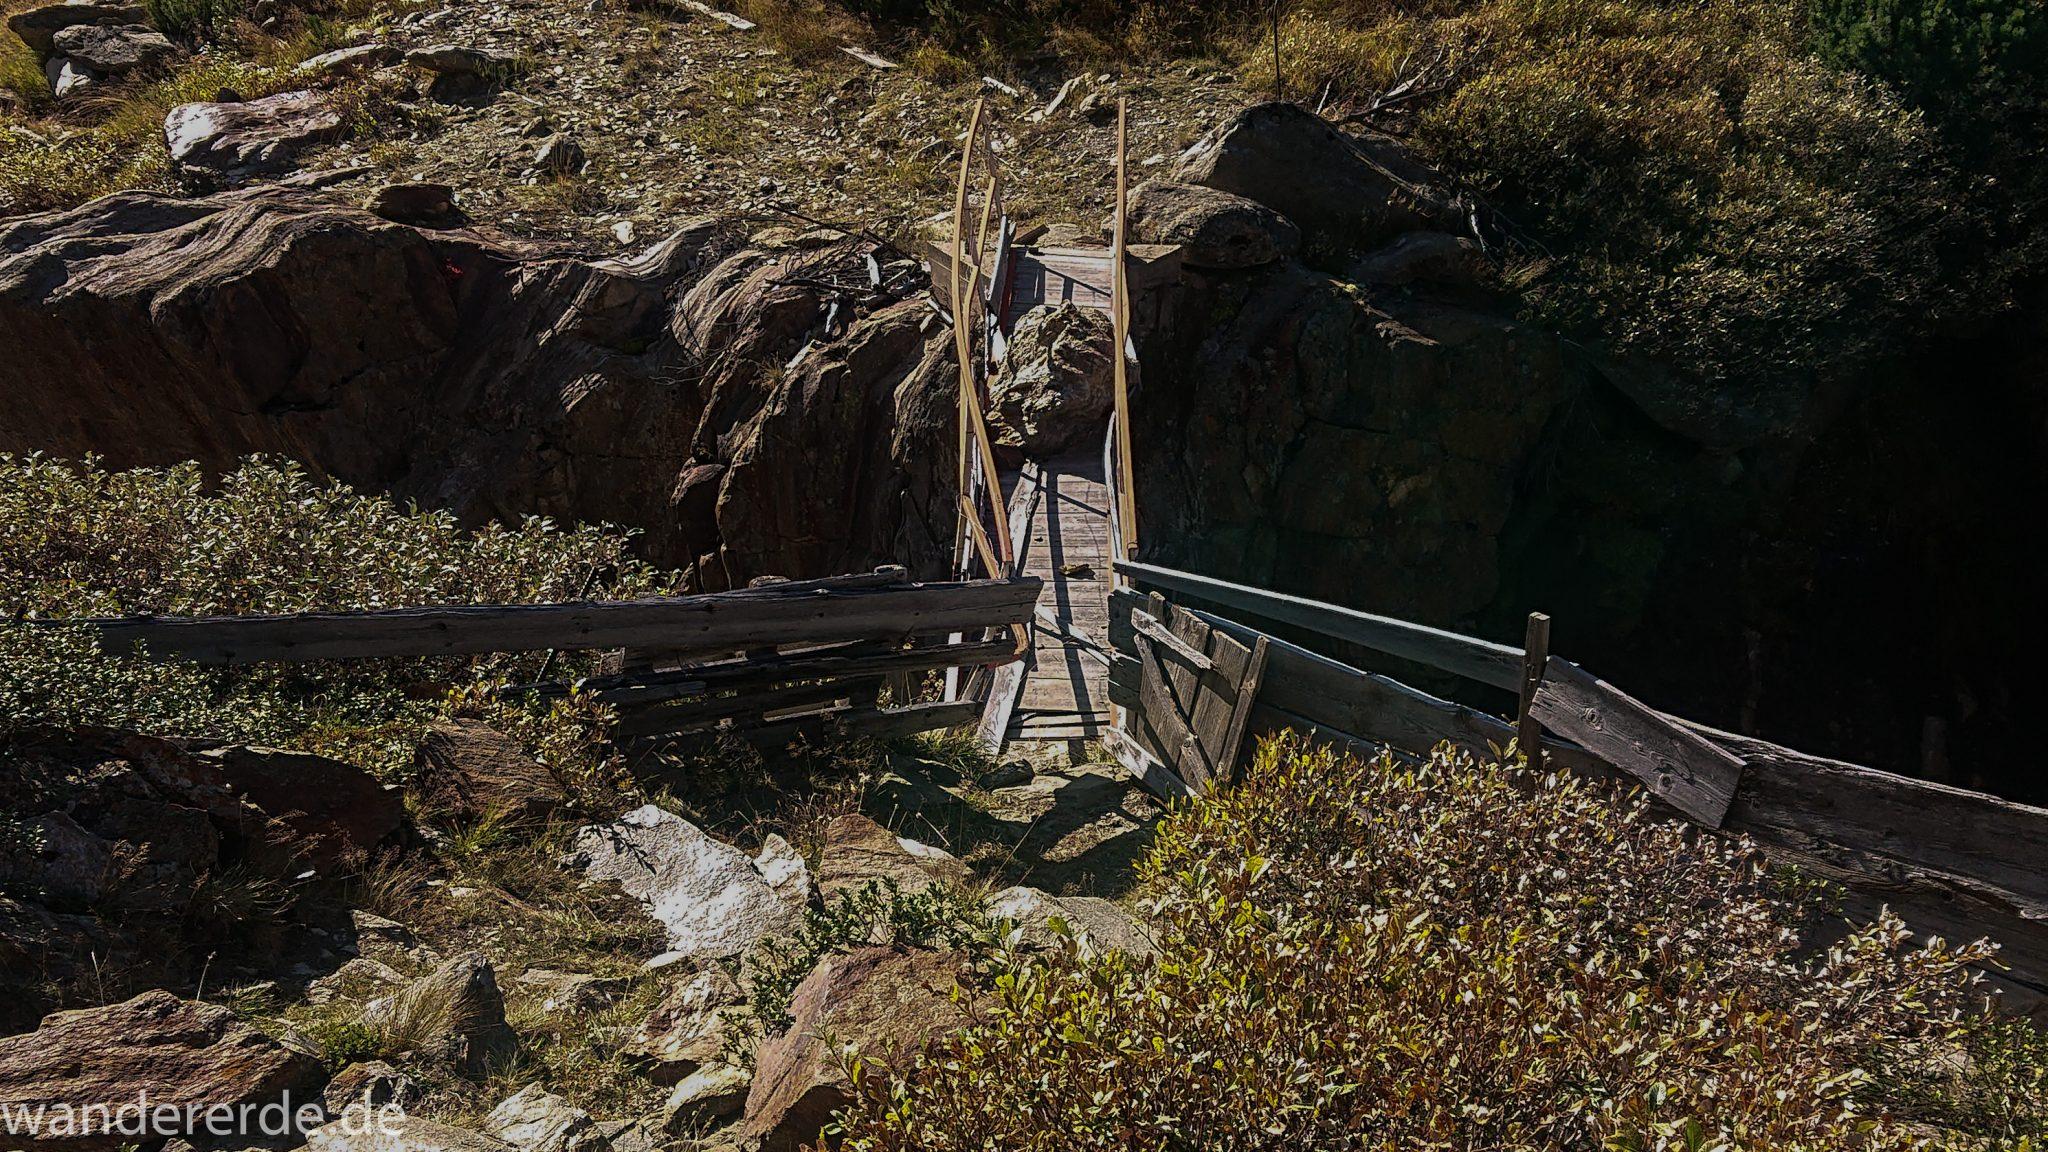 Alpenüberquerung Fernwanderweg E5 Oberstdorf Meran, 5. Etappe von Braunschweiger Hütte zur Martin-Busch-Hütte, nach Wanderung auf dem neuen Panoramaweg nach Vent folgt Anstieg zur Martin-Busch-Hütte, nach sehr steiler Abkürzung am Lift entlang folgt mäßige Steigung, herrliches Wetter zum Wandern bei strahlendem Sonnenschein, wegen Steinschlag gesperrter ursprünglicher Weg muss auf anderer Bergseite umgangen werden, Macht der Natur sichtbar an riesigem Stein der auf Brücke gefallen ist